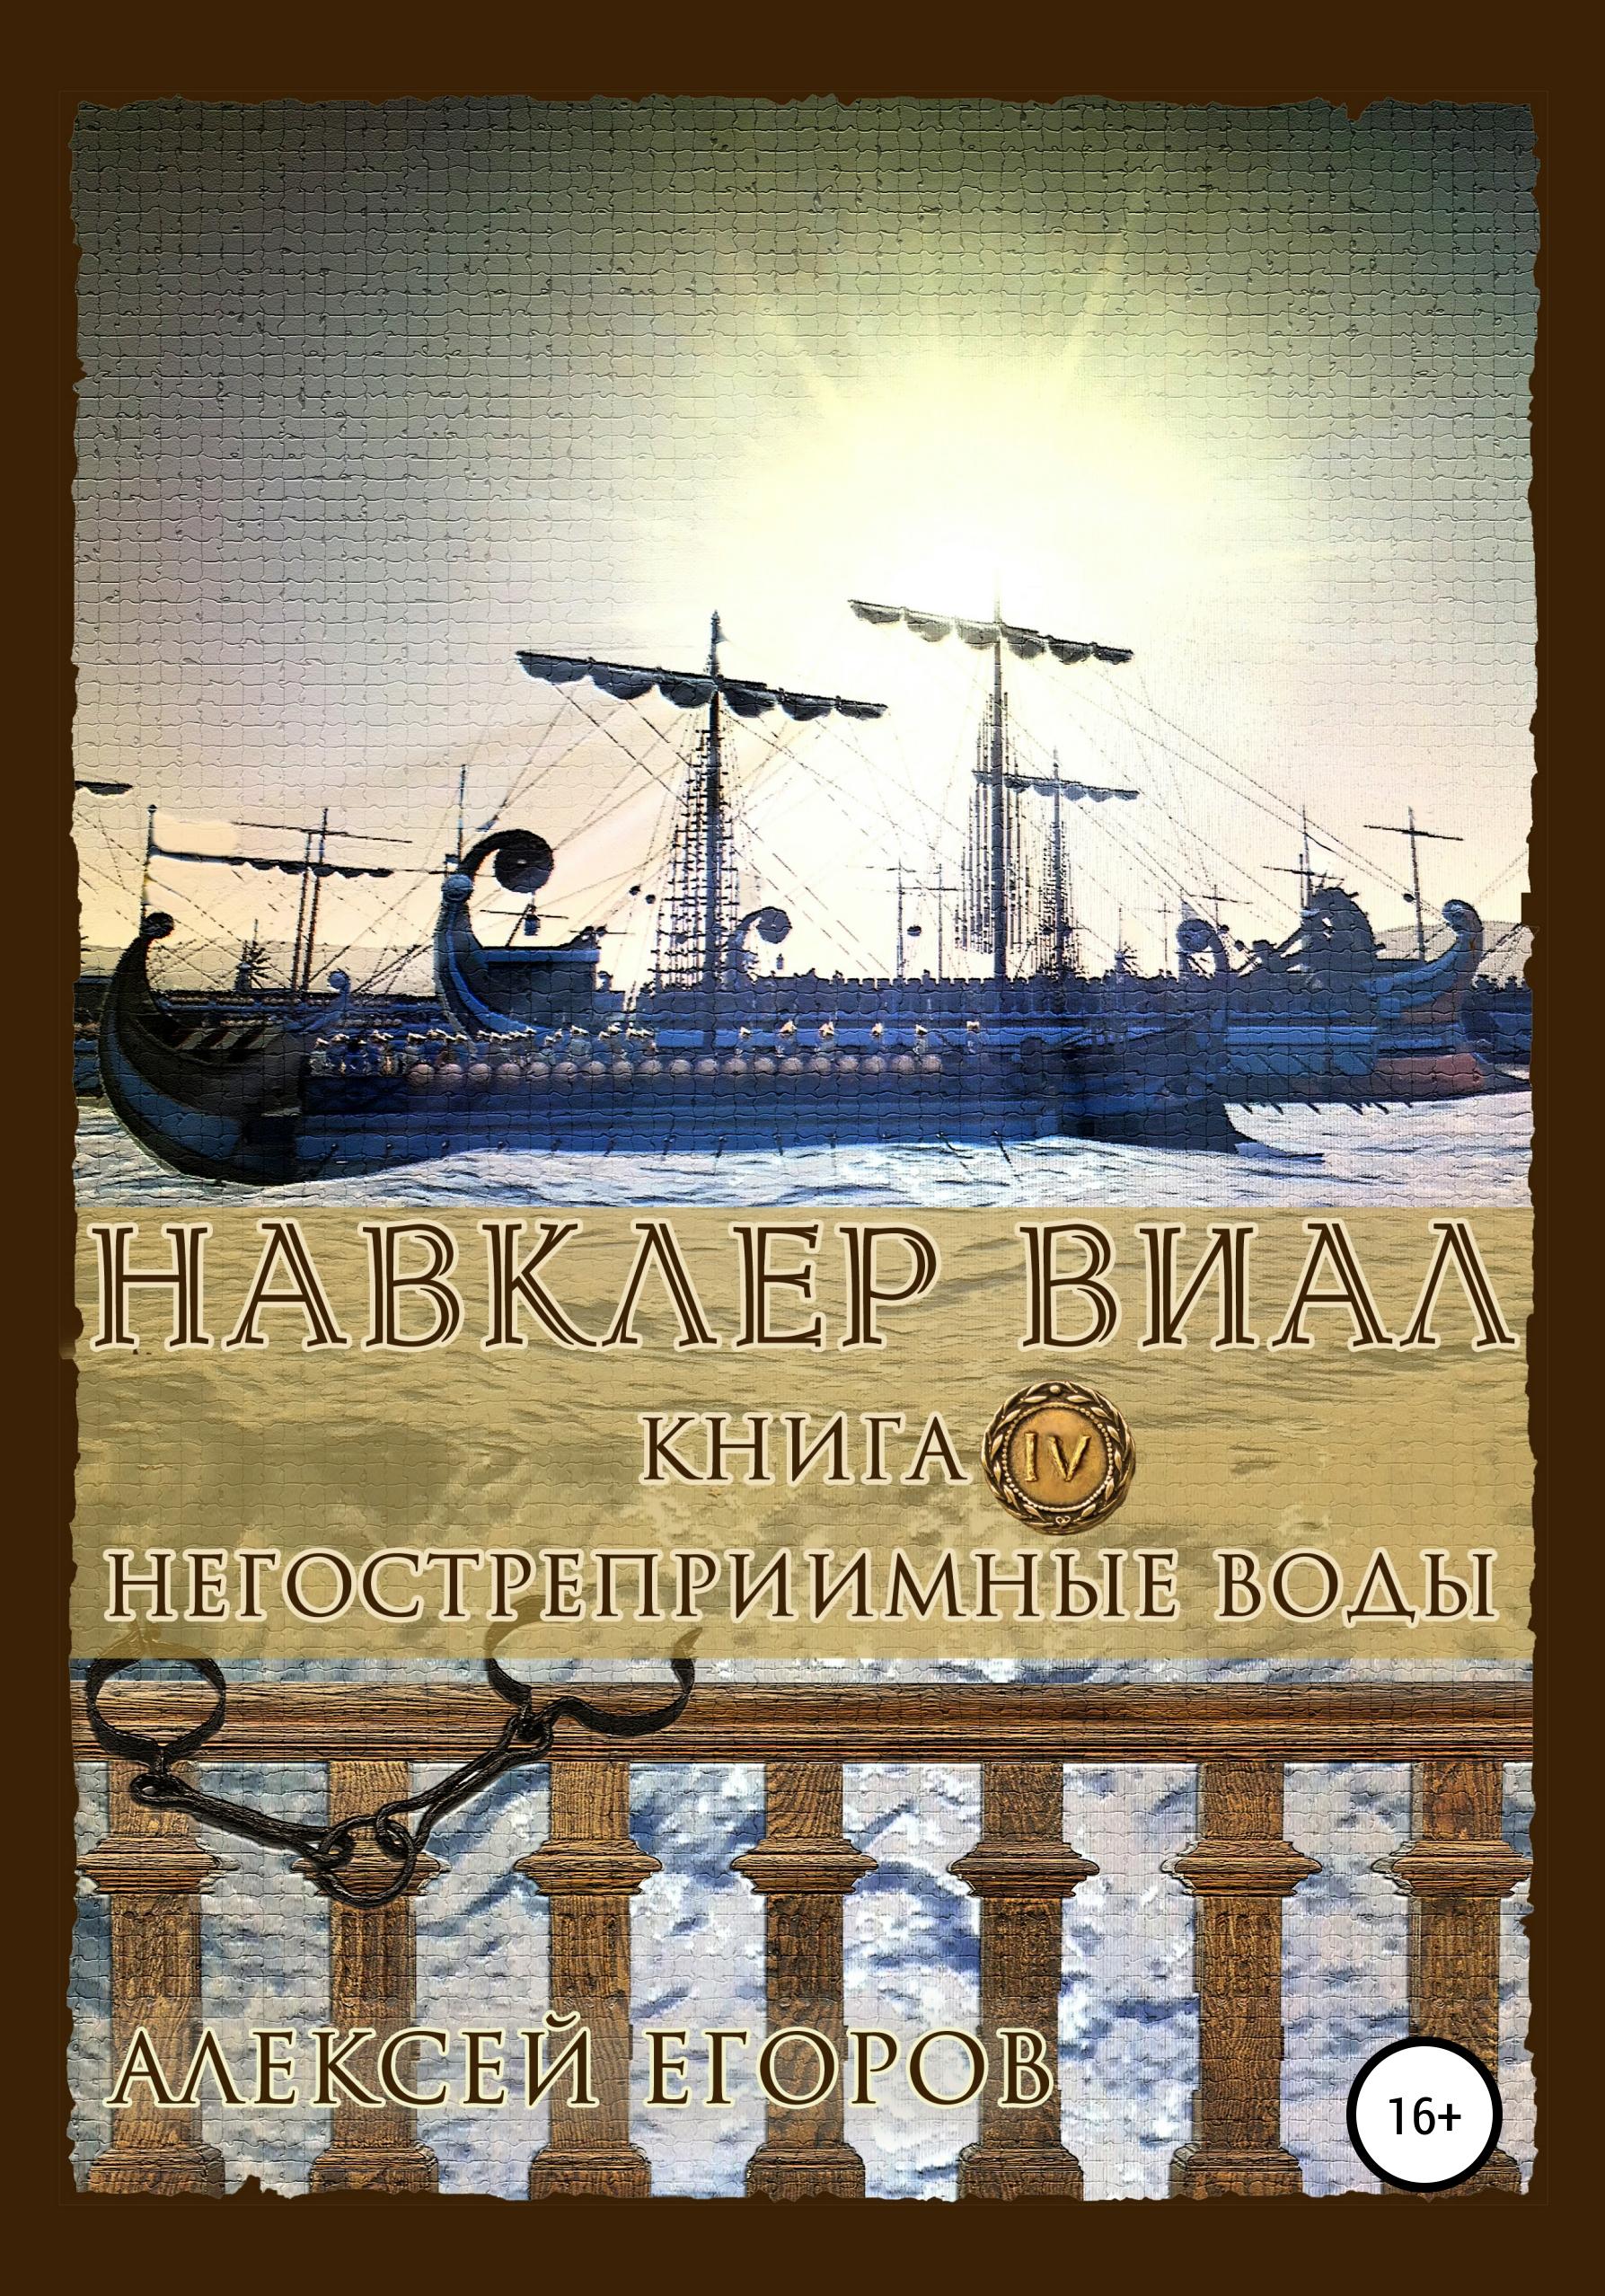 Купить книгу Навклер Виал 4: Негостеприимные воды, автора Алексея Егорова